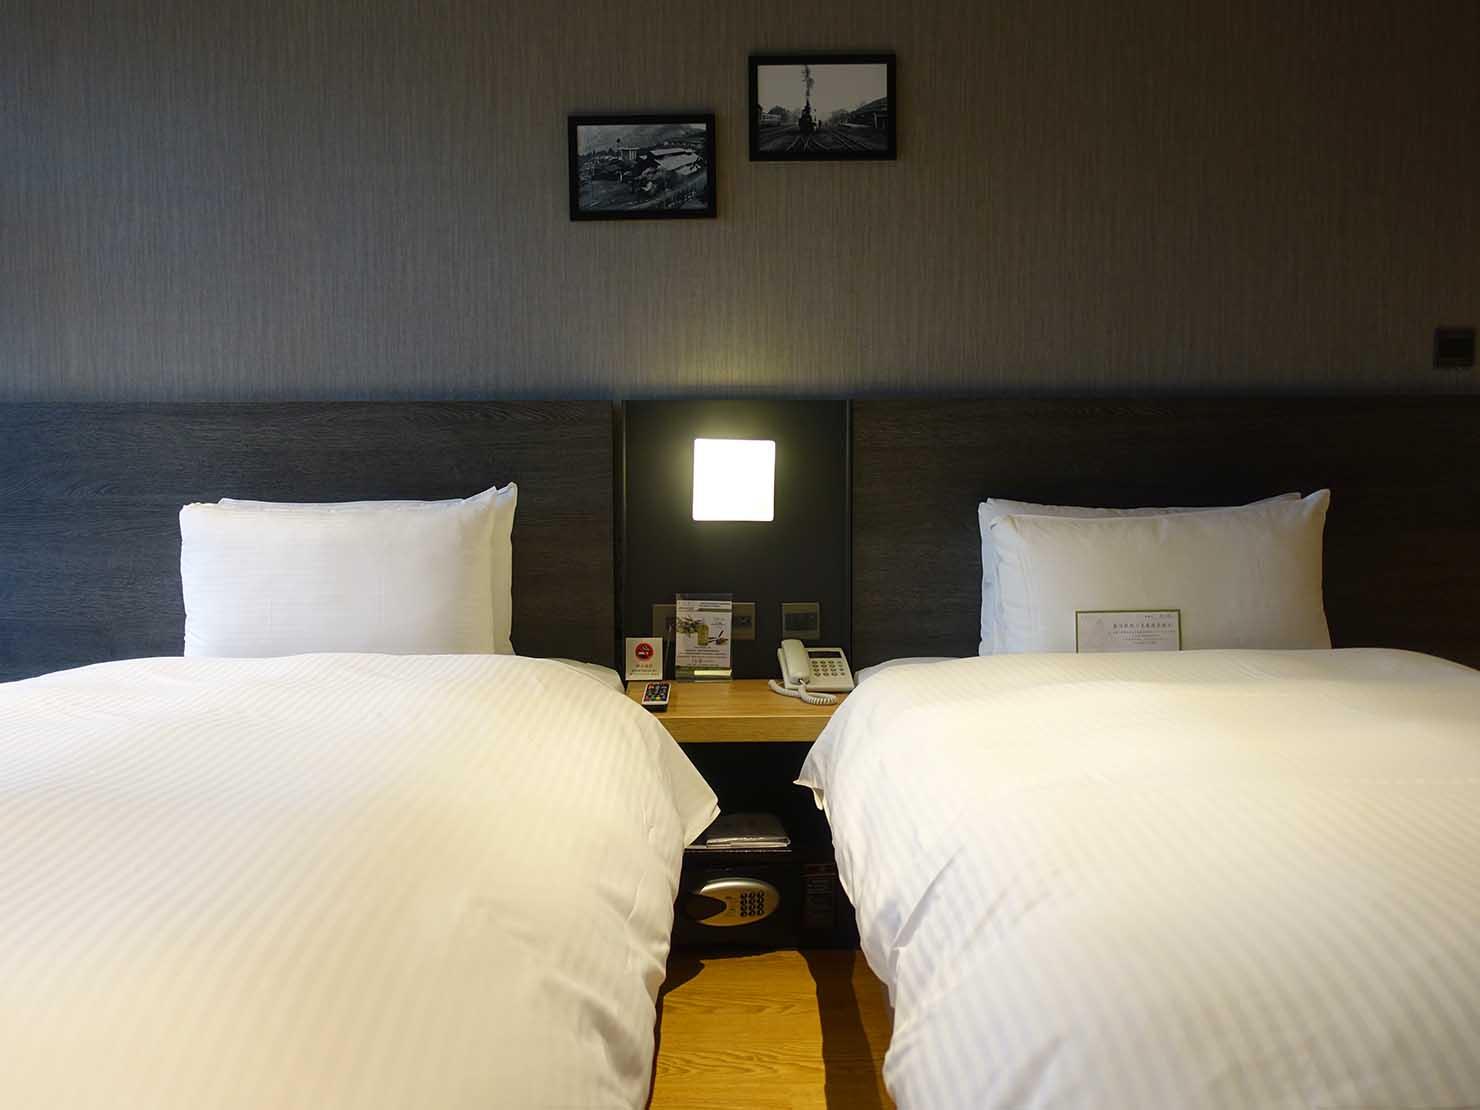 嘉義のおすすめホテル「嘉義觀止」觀止商務房(ツインルーム)のベッド